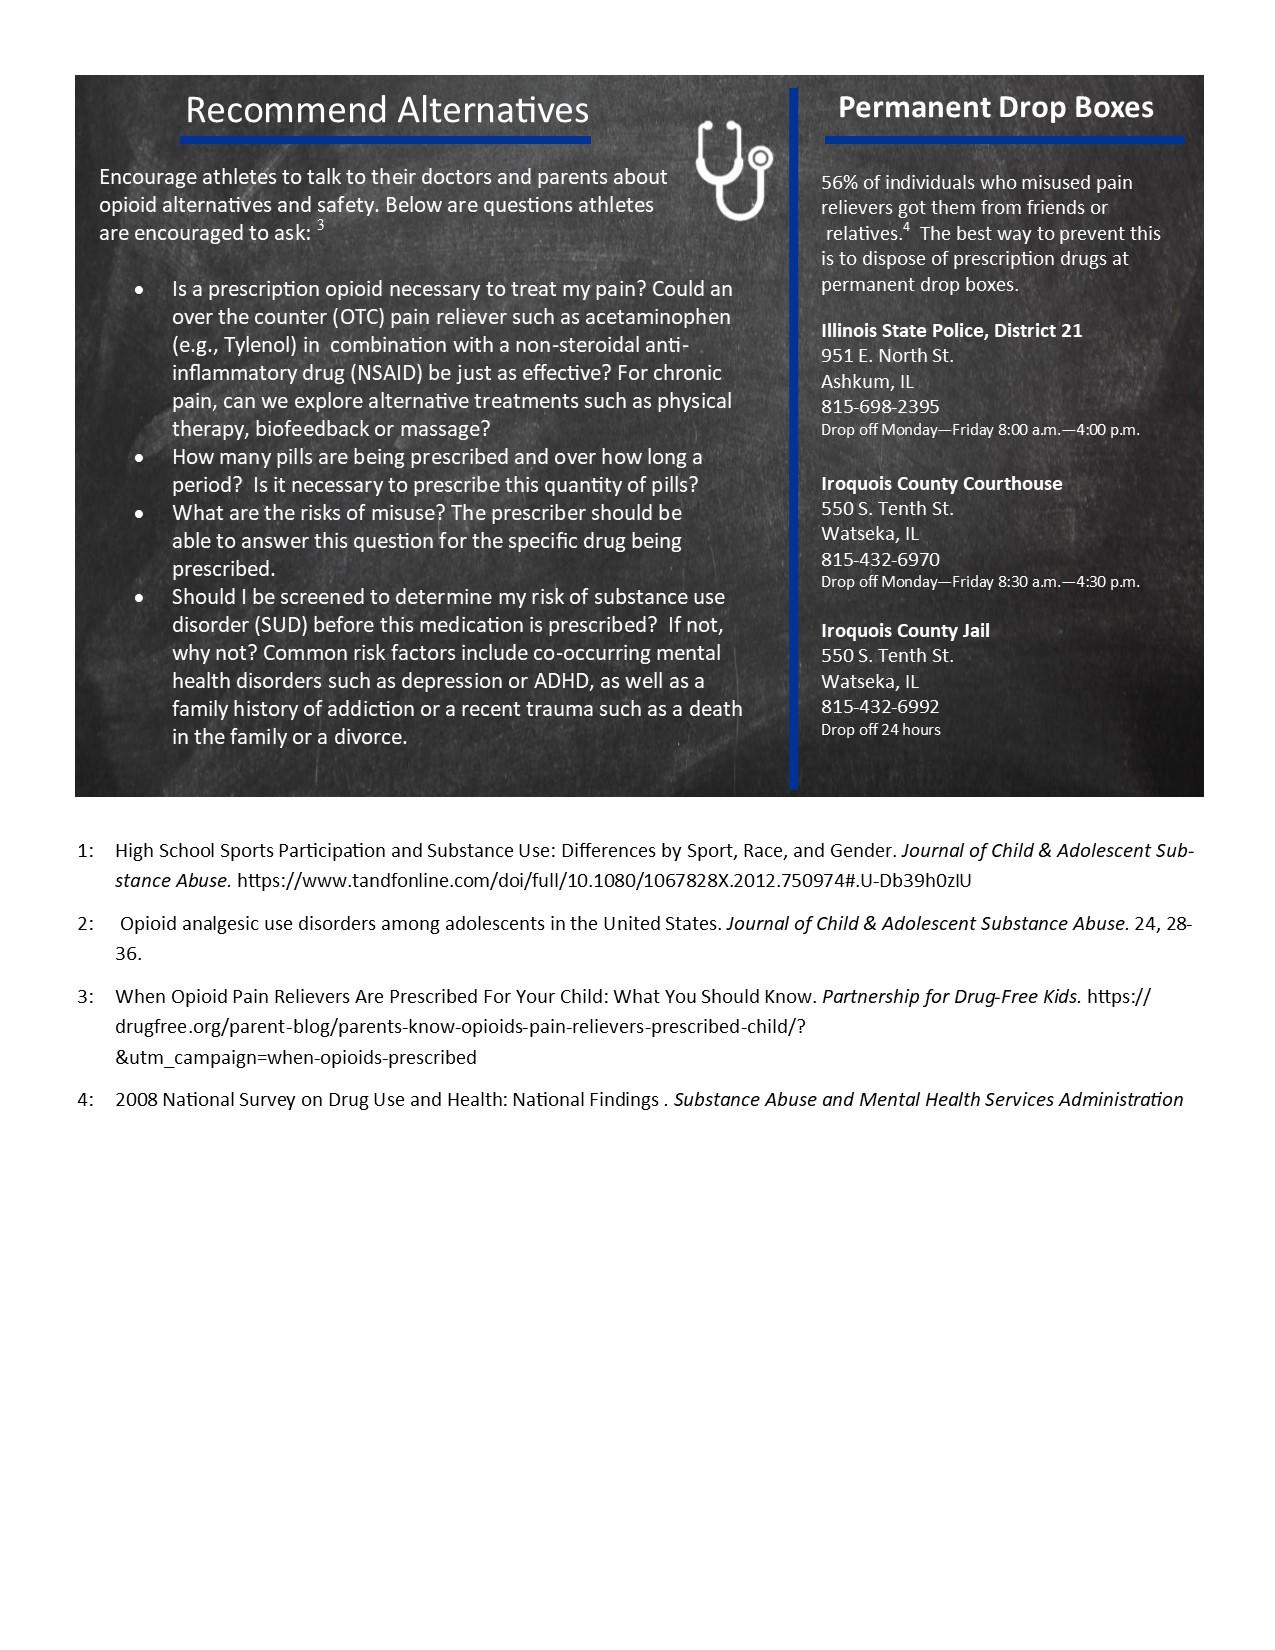 TIP 5 Coach's Resources edits Prescription Opioids Side #2 10.15.19